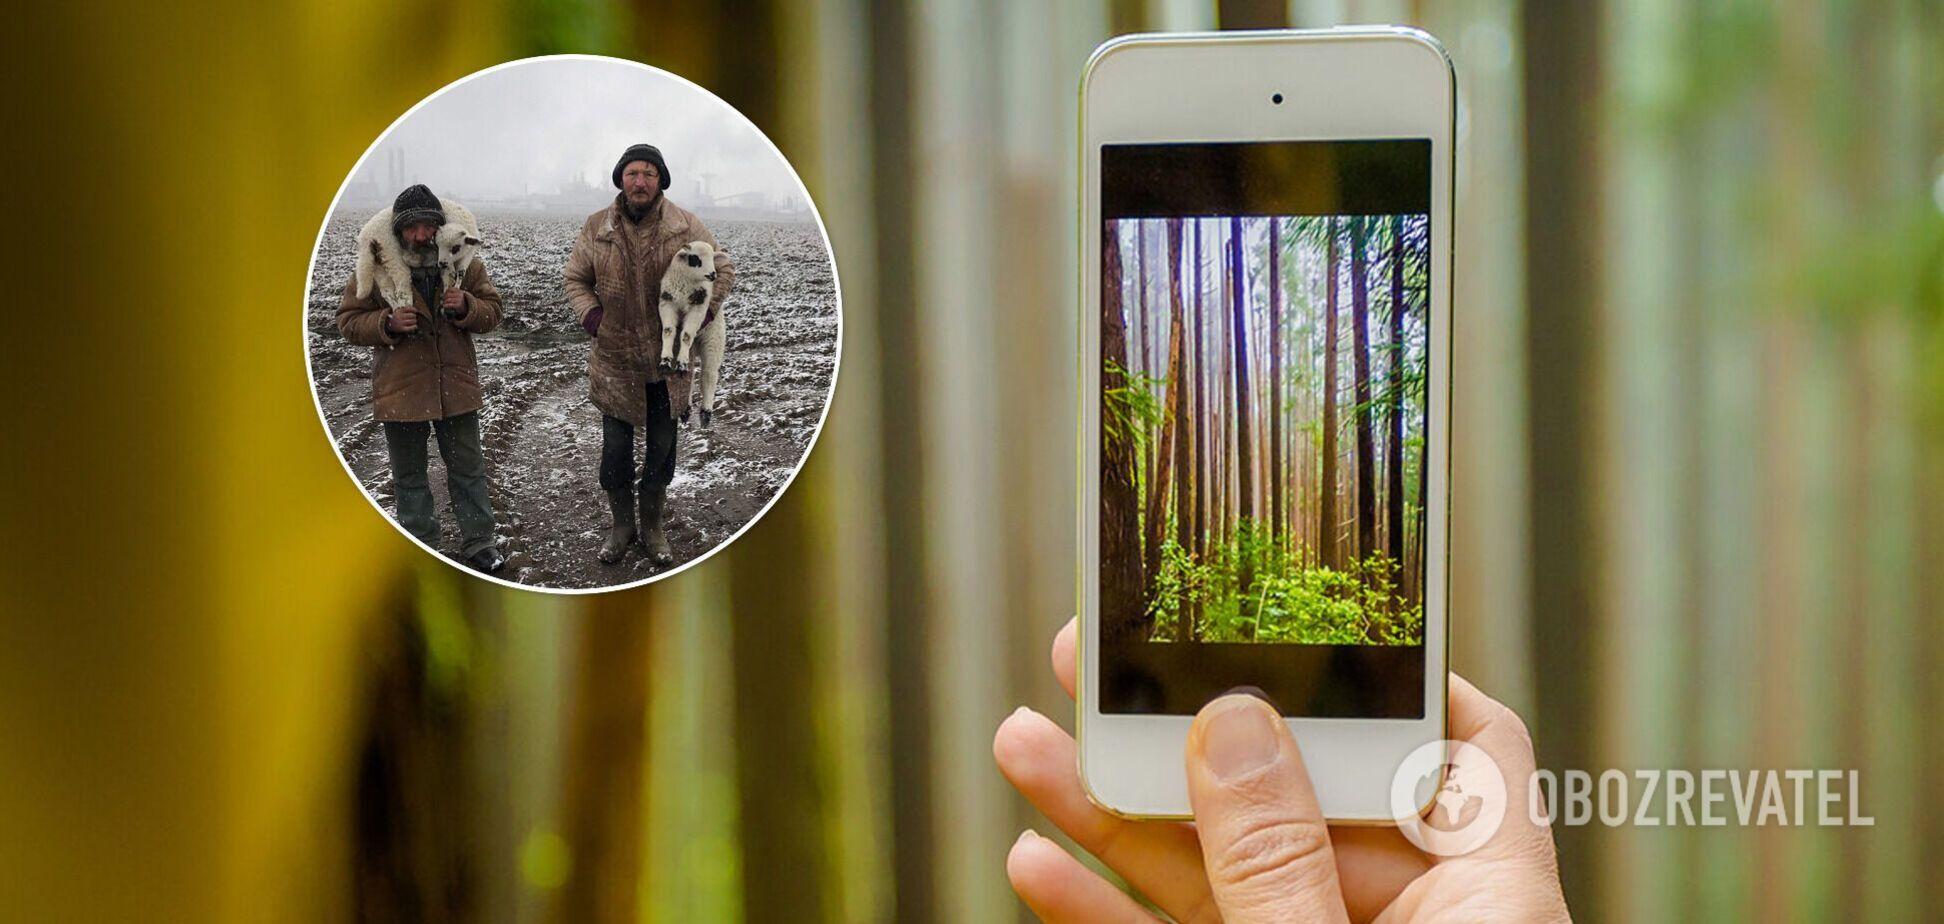 Найкращі знімки року, зроблені на iPhone: оголошено переможців фотоконкурсу